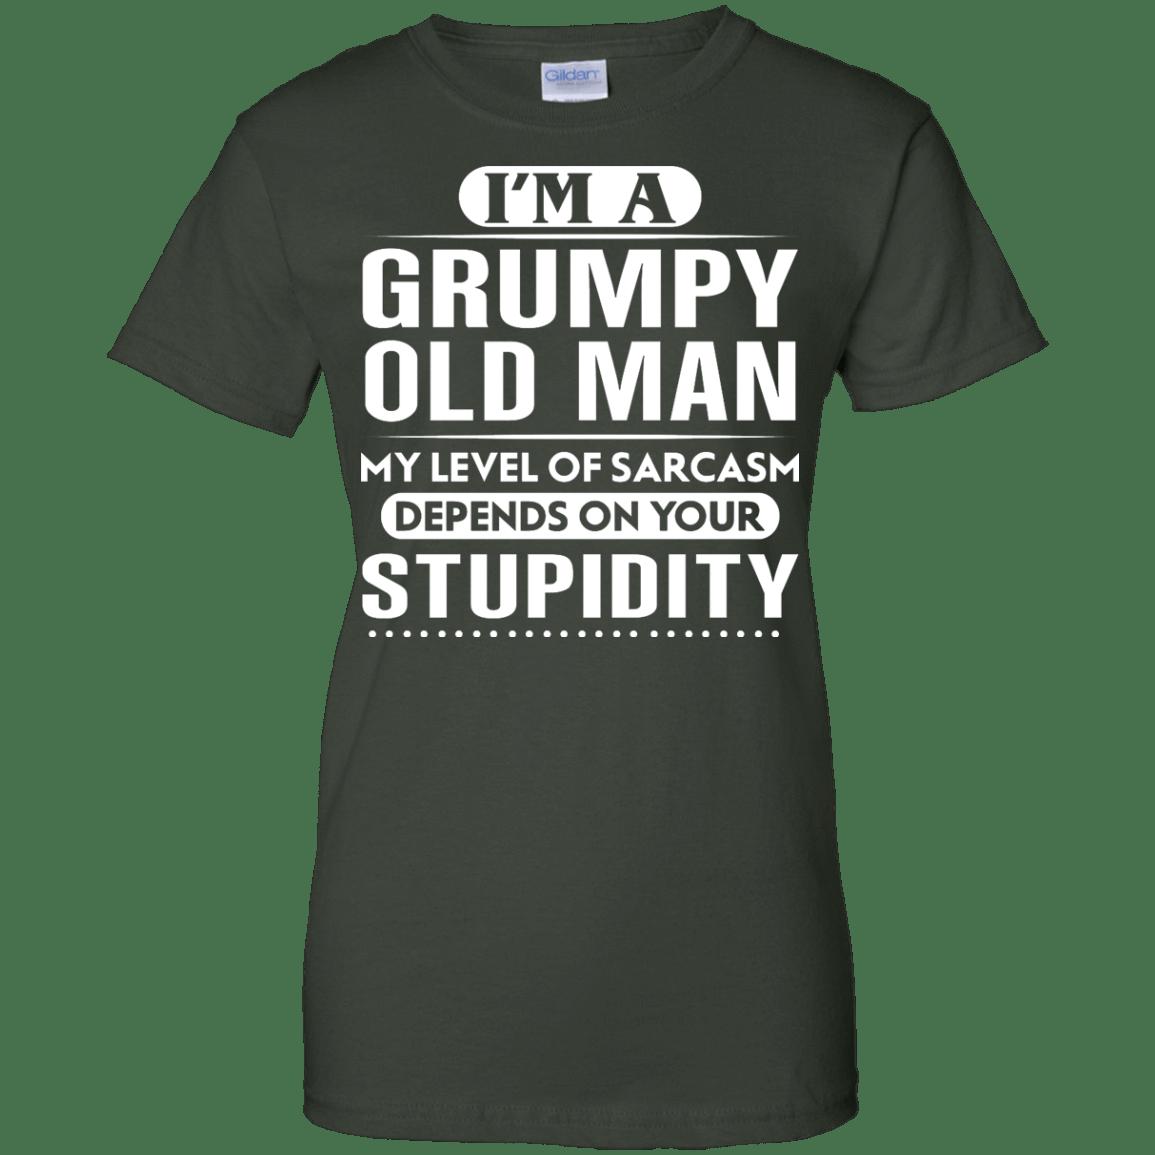 Grumpy Old Man PNG - 47950